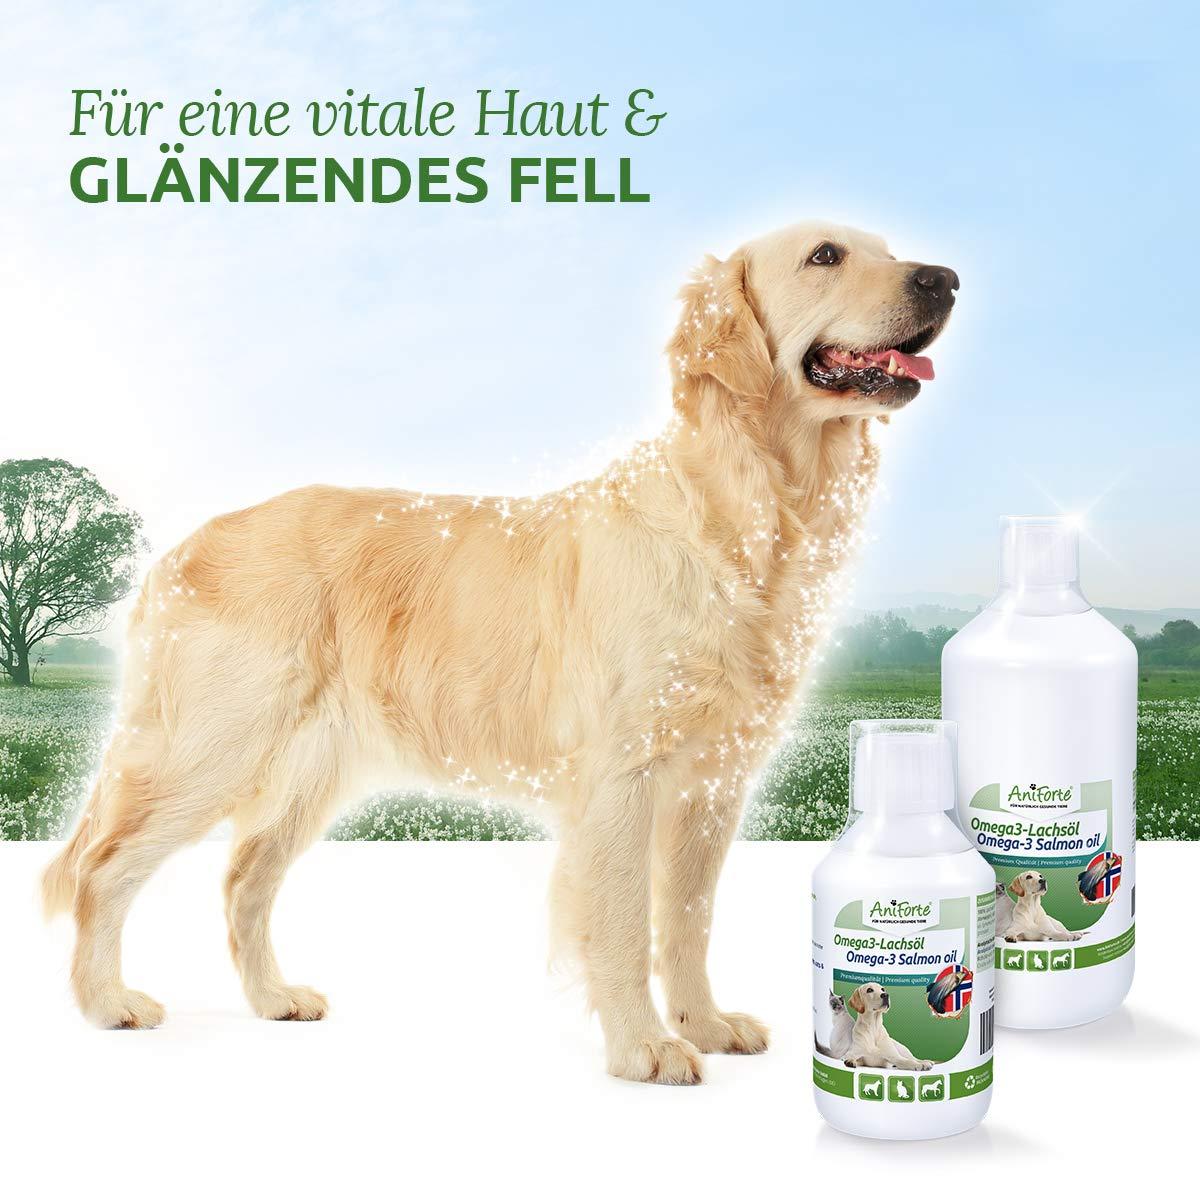 AniForte Aceite de salmón 5 Litros para Perros, Gatos y Caballos, ácidos grasos omega-3, producto puro 100% natural, ideal como complemento alimenticio ...